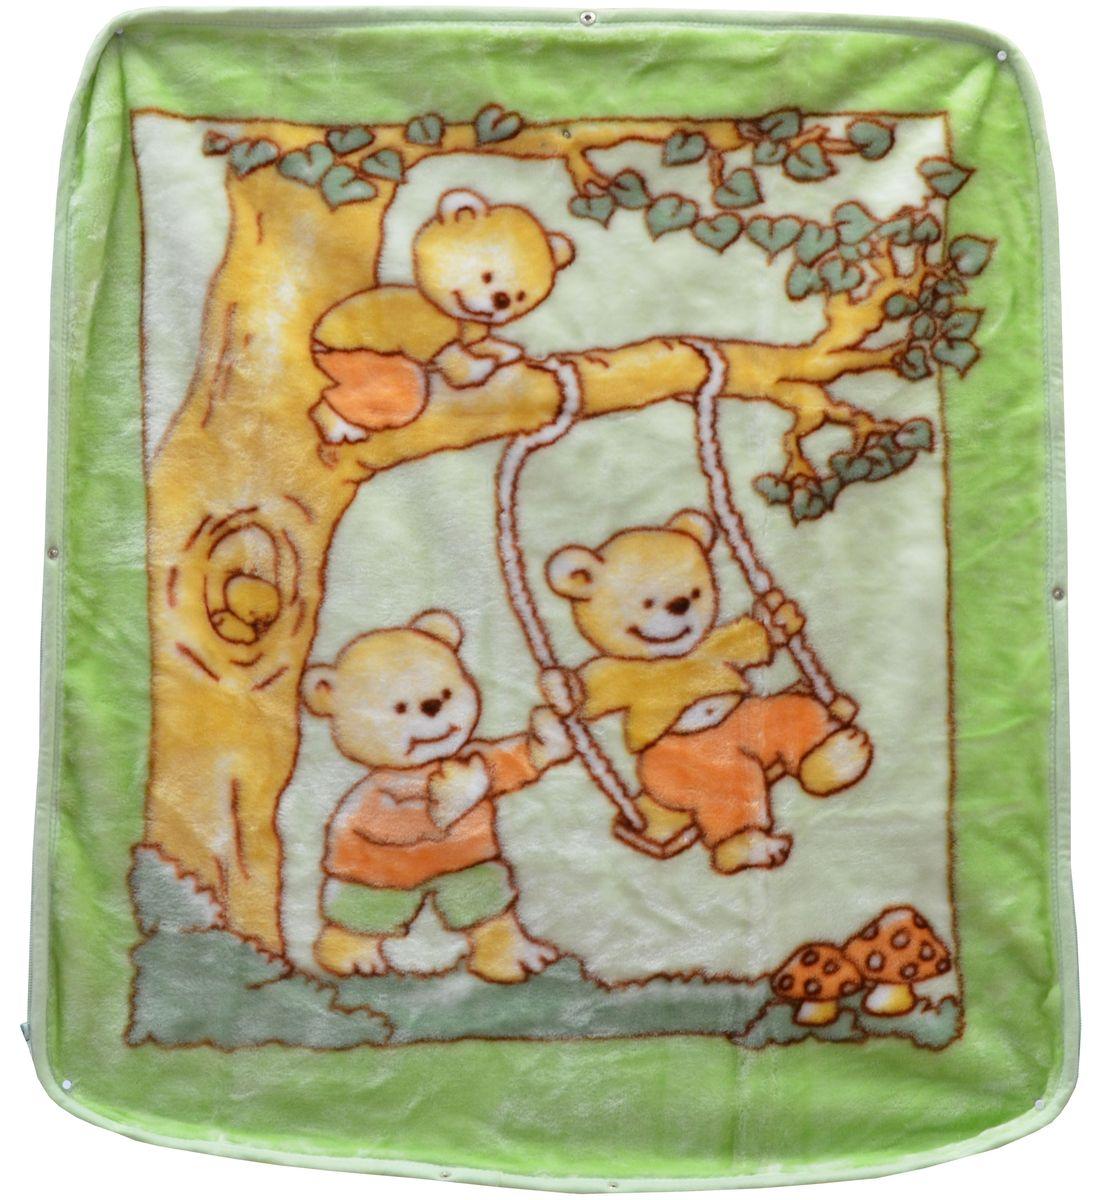 Bonne Fee Плед-накидка для младенцев на молнии 1, 80 х 90 см, цвет: зеленыйF42152_голубой/цыплятаПлед-накидка для младенцев на молнии Bonne Fee - защита, тепло и комфорт для малышей - использован надёжный, качественный и мягкий материал! Удобство и спокойствие для родителей обеспечивается универсальностью пледа-накидки, конструкция которого позволяет ему легко превращаться в конвертик. Отличное качество и практичность! Любите своего ребёнка и дарите ему лучшее!